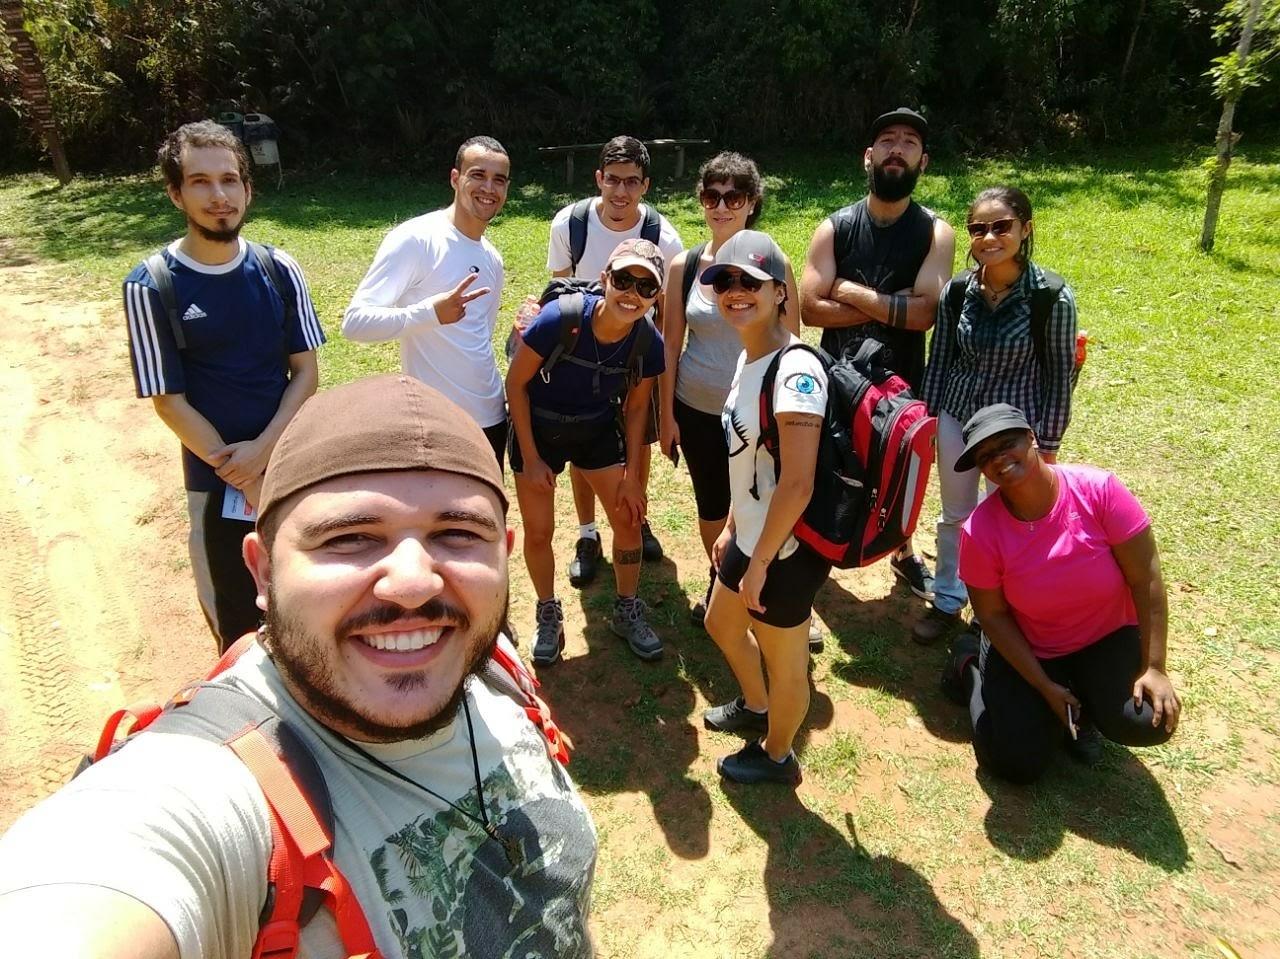 Parque_Estadual_do_Juquery_-_Free_3ª_ed_13102017